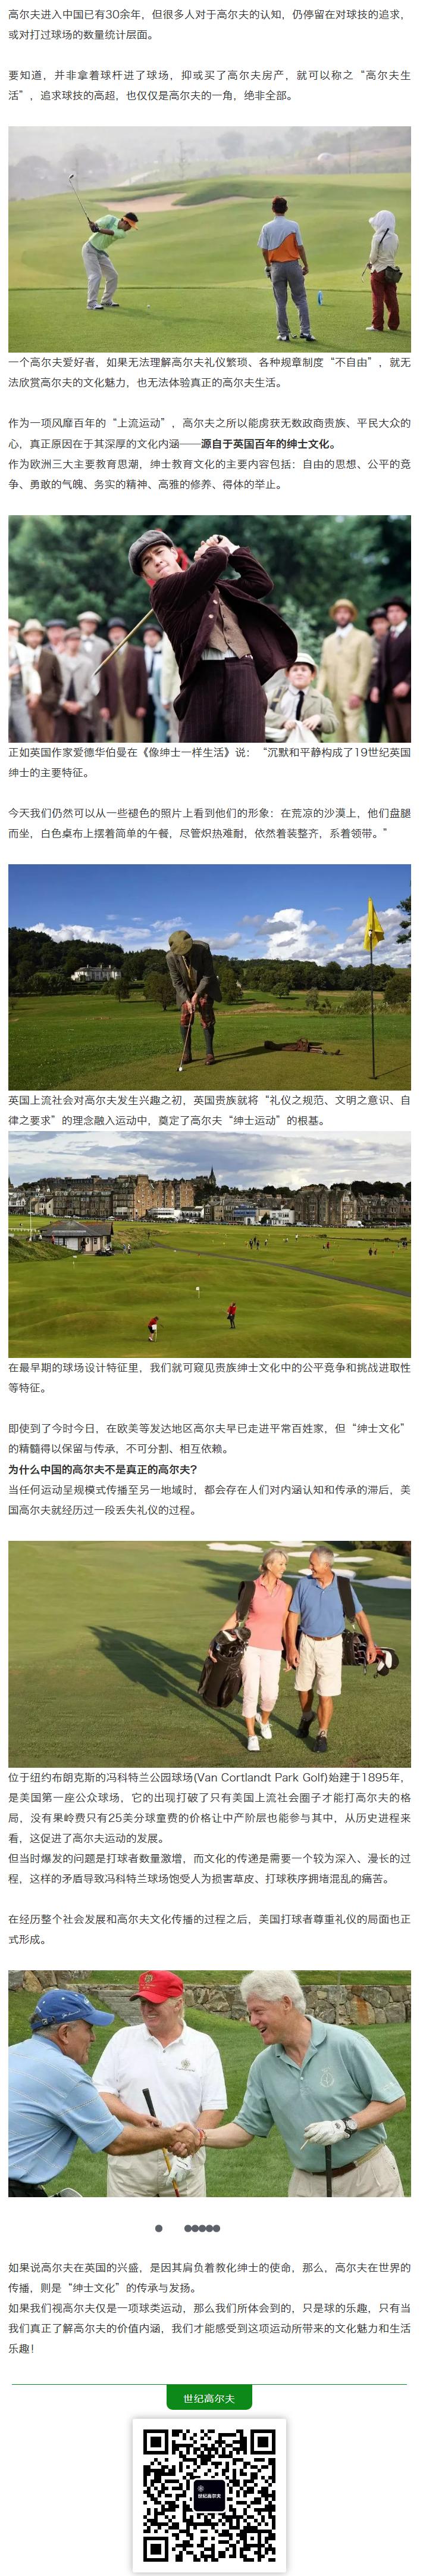 中国的高尔夫为什么不像高尔夫?.png